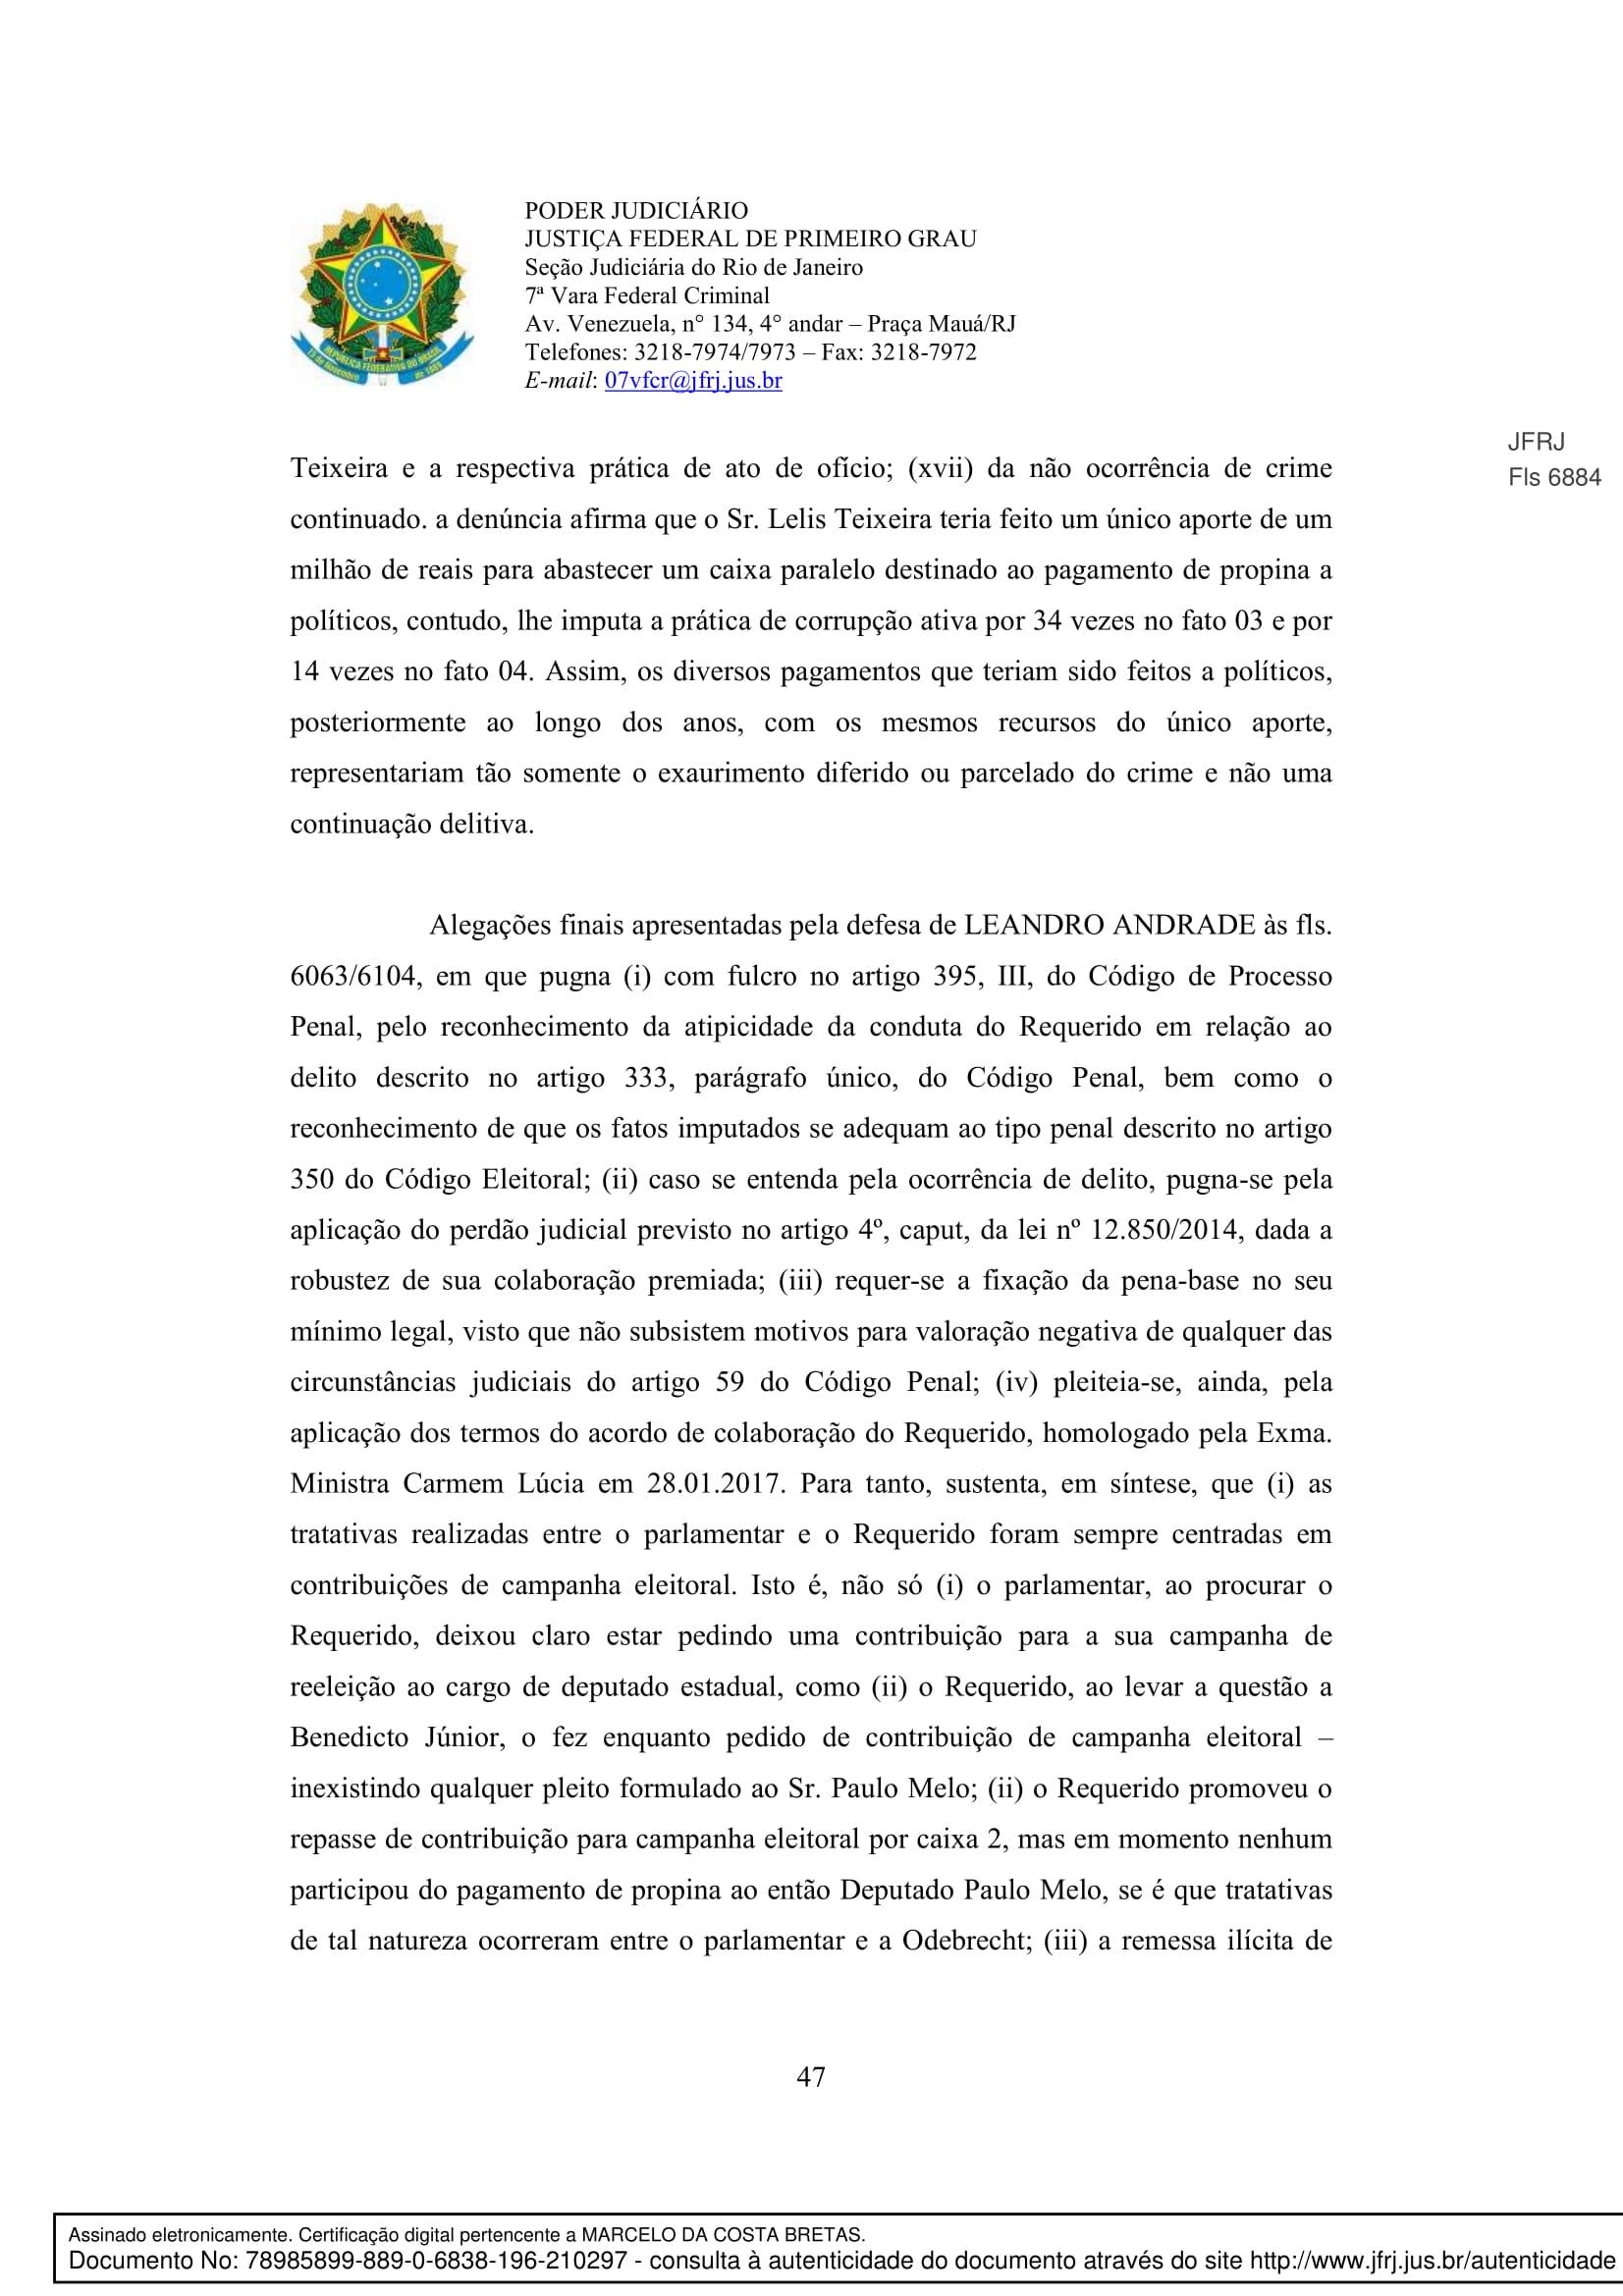 Sentenca-Cadeia-Velha-7VFC-047